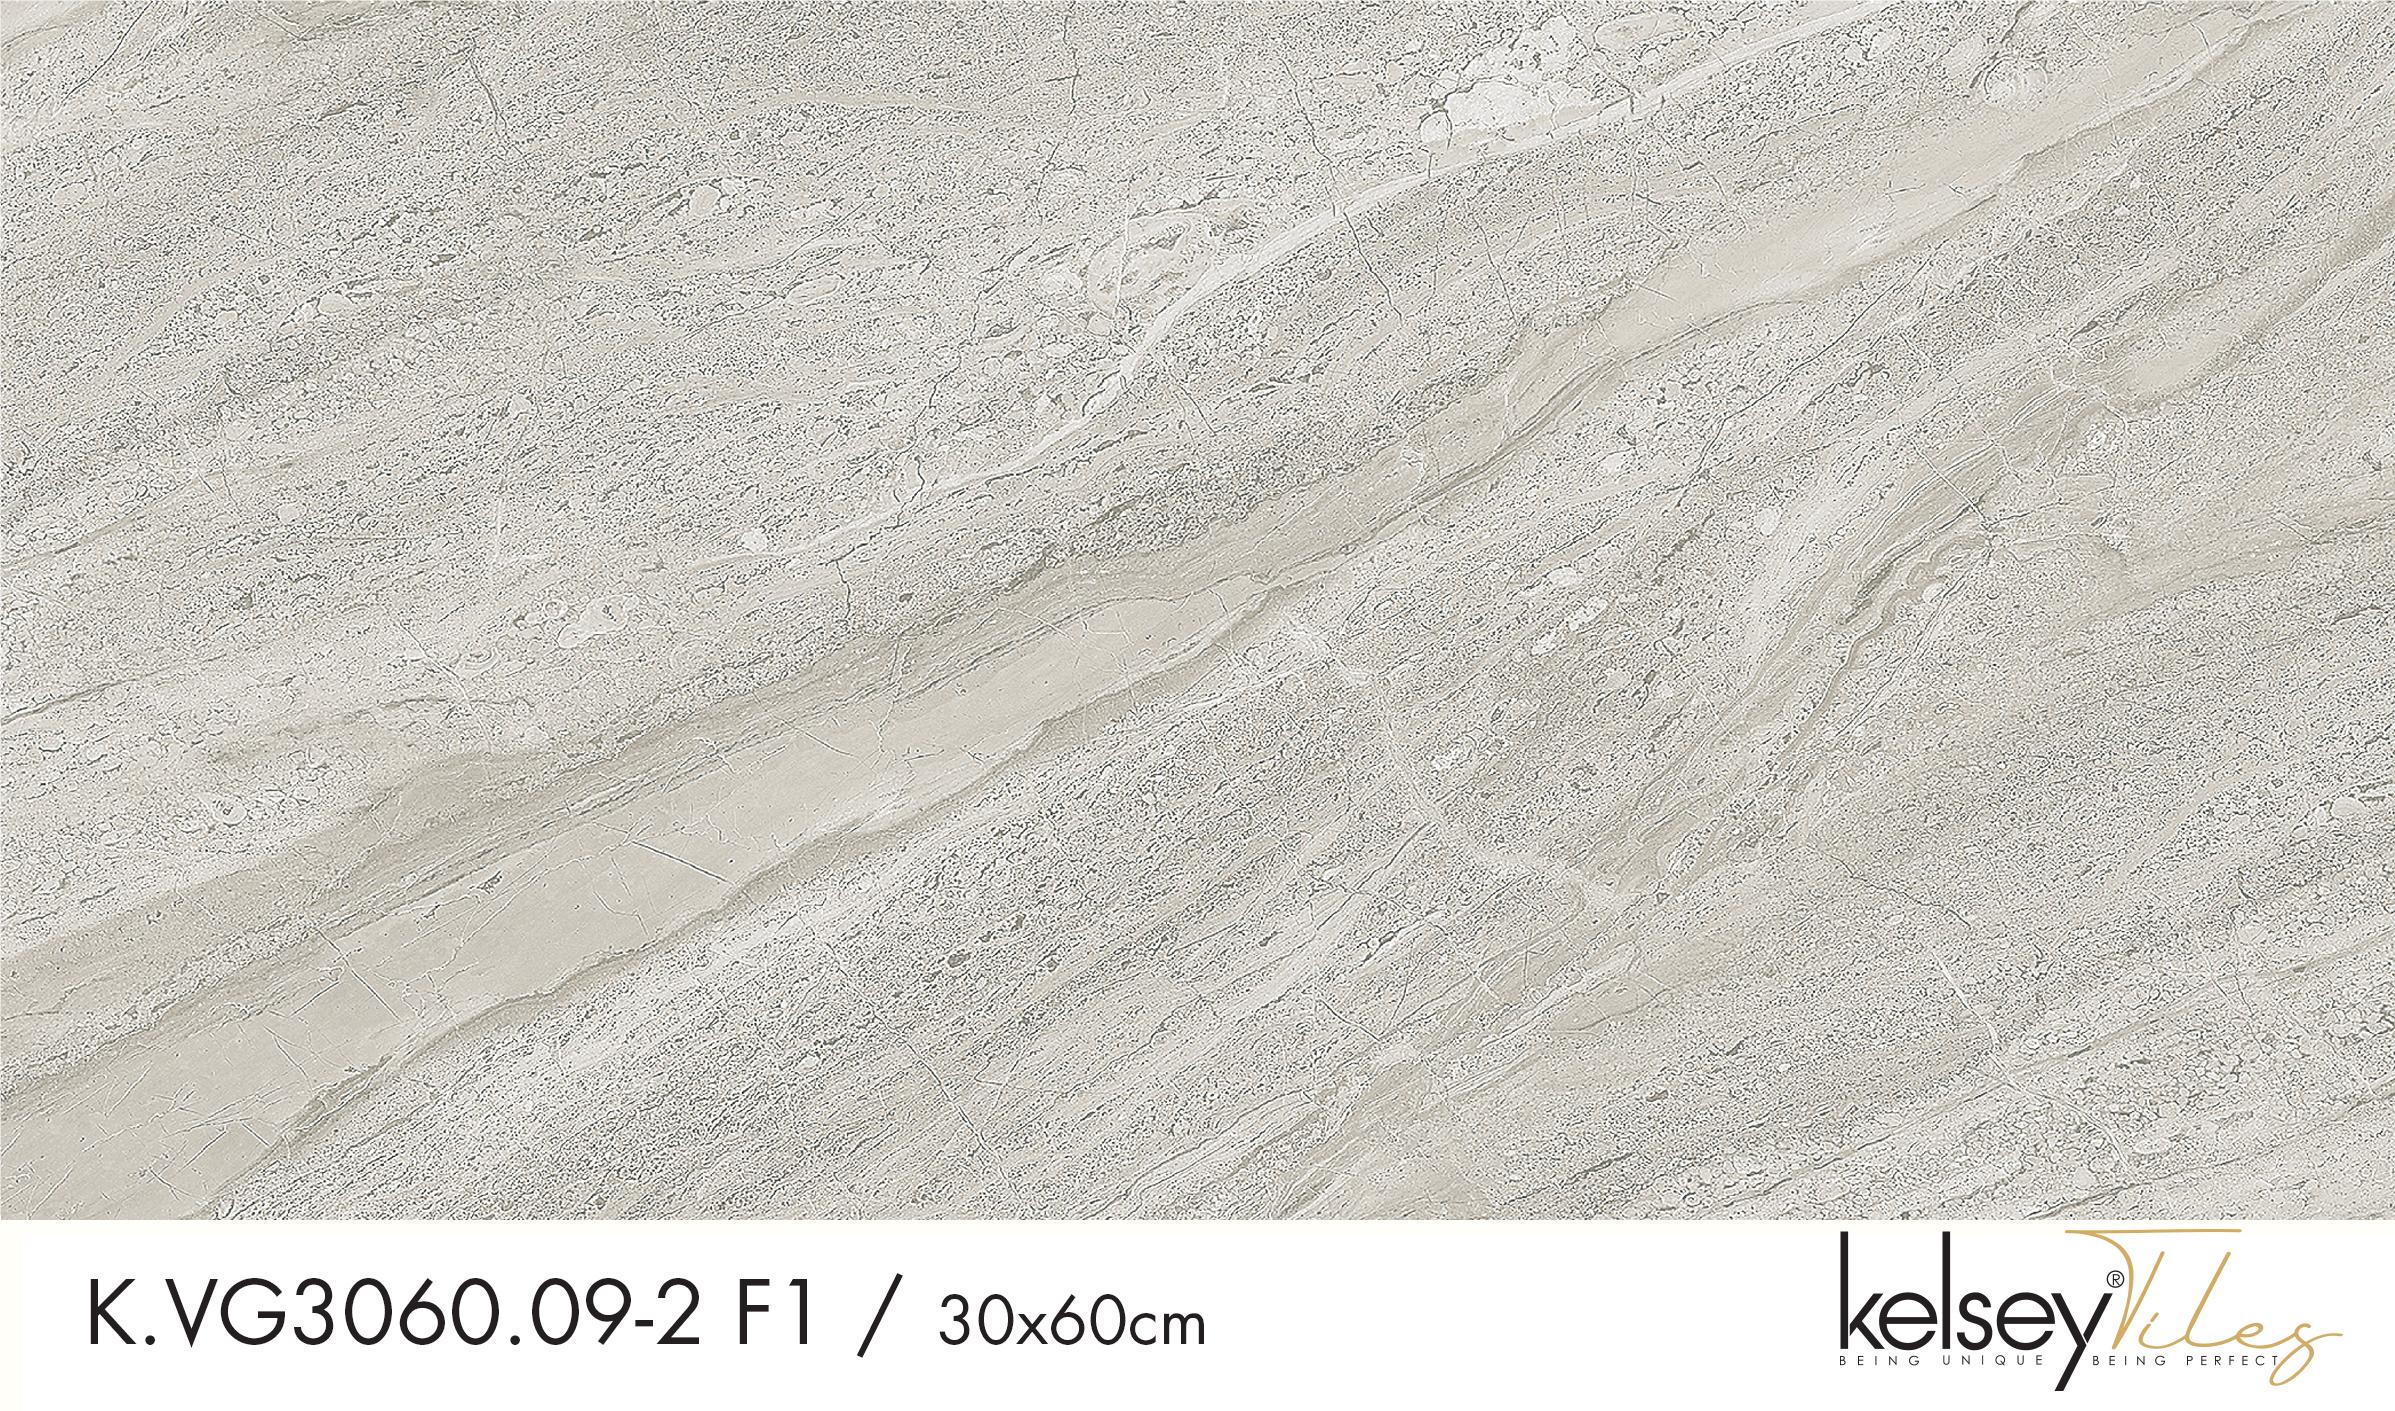 K.VG3060.09-2